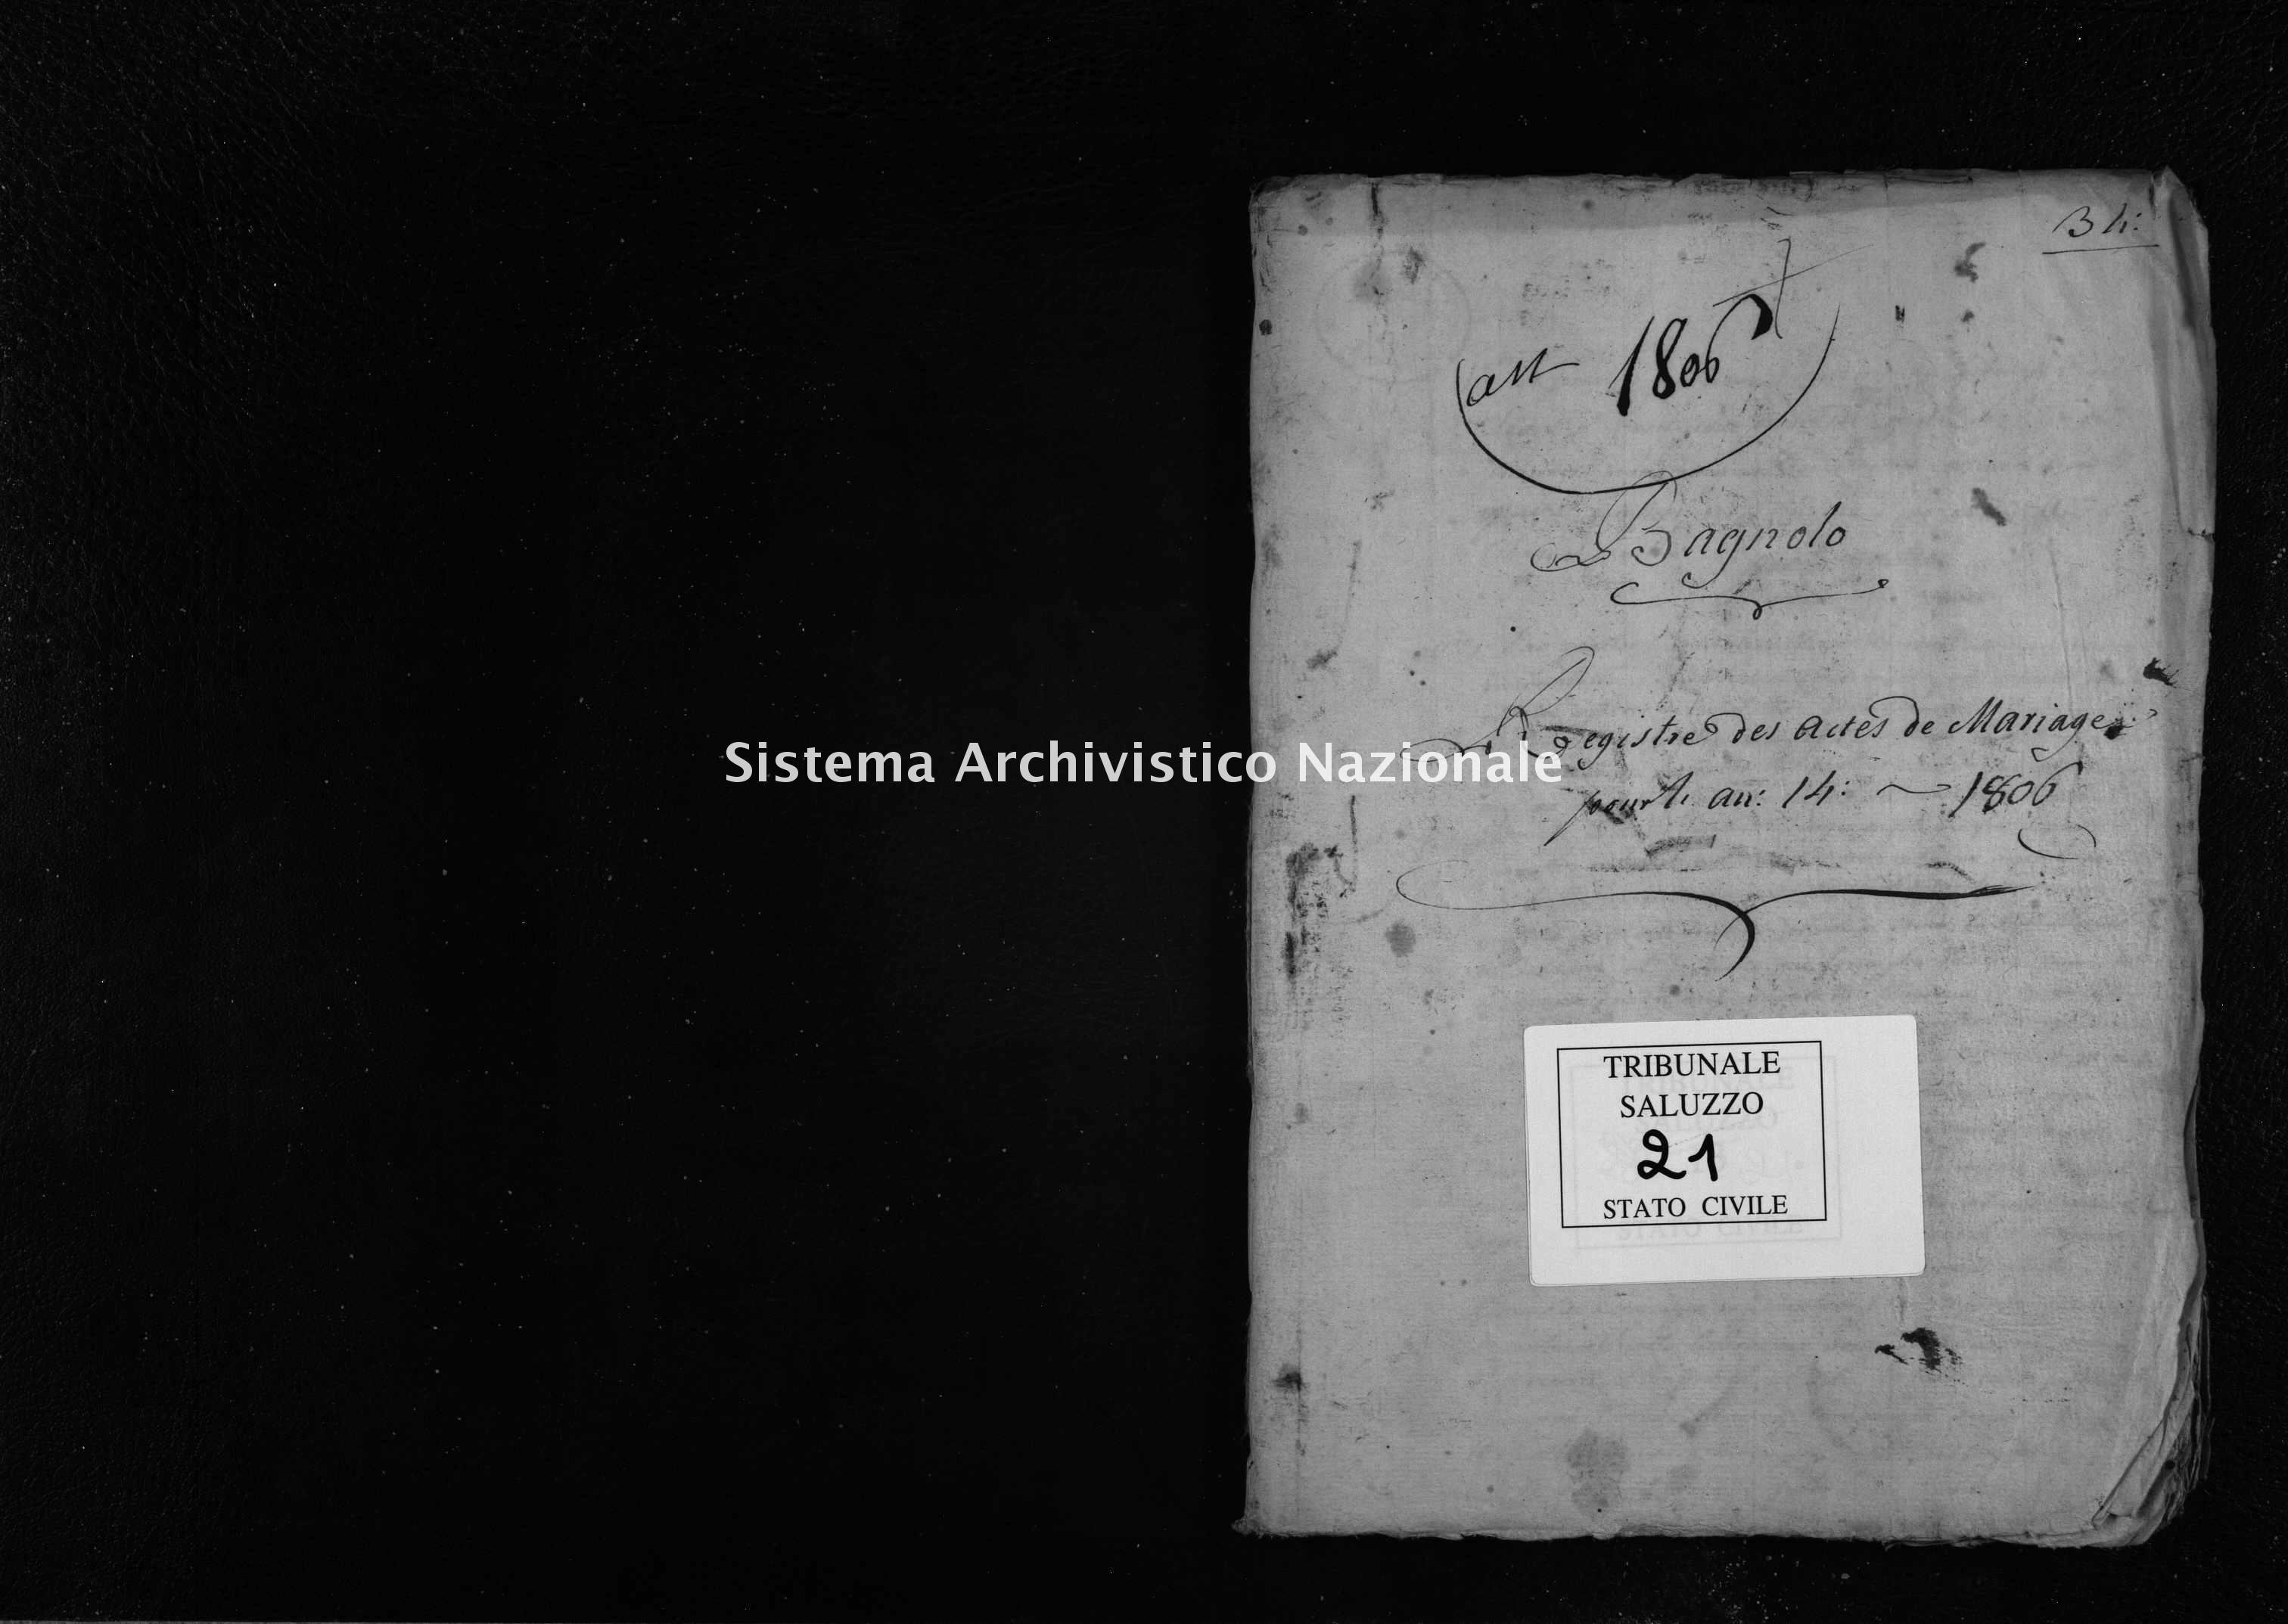 Archivio di stato di Cuneo - Stato civile napoleonico - Bagnolo Piemonte - Matrimoni - 1805-1806 - 21 -